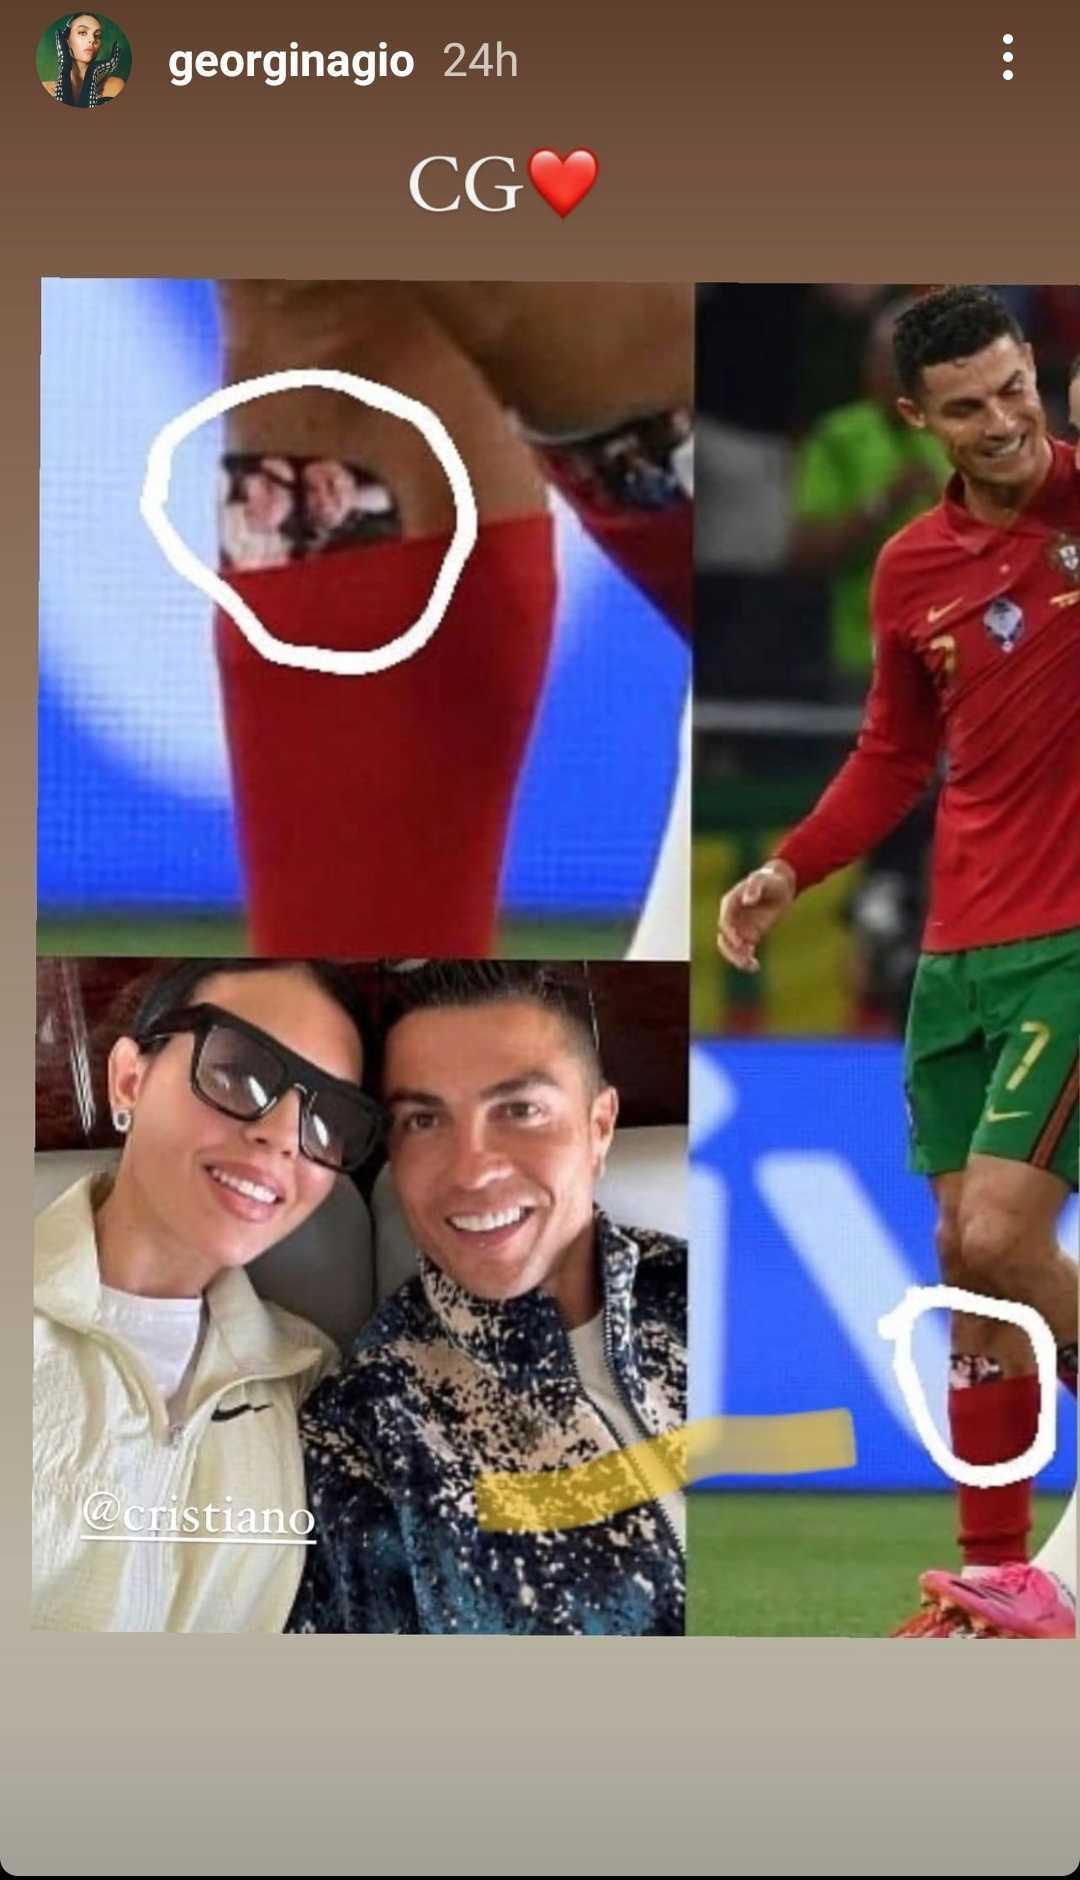 """""""تميمة حظ"""".. جورجينا تكشف ما يضعه رونالدو في جرابه أثناء خوض مباريات اليورو"""